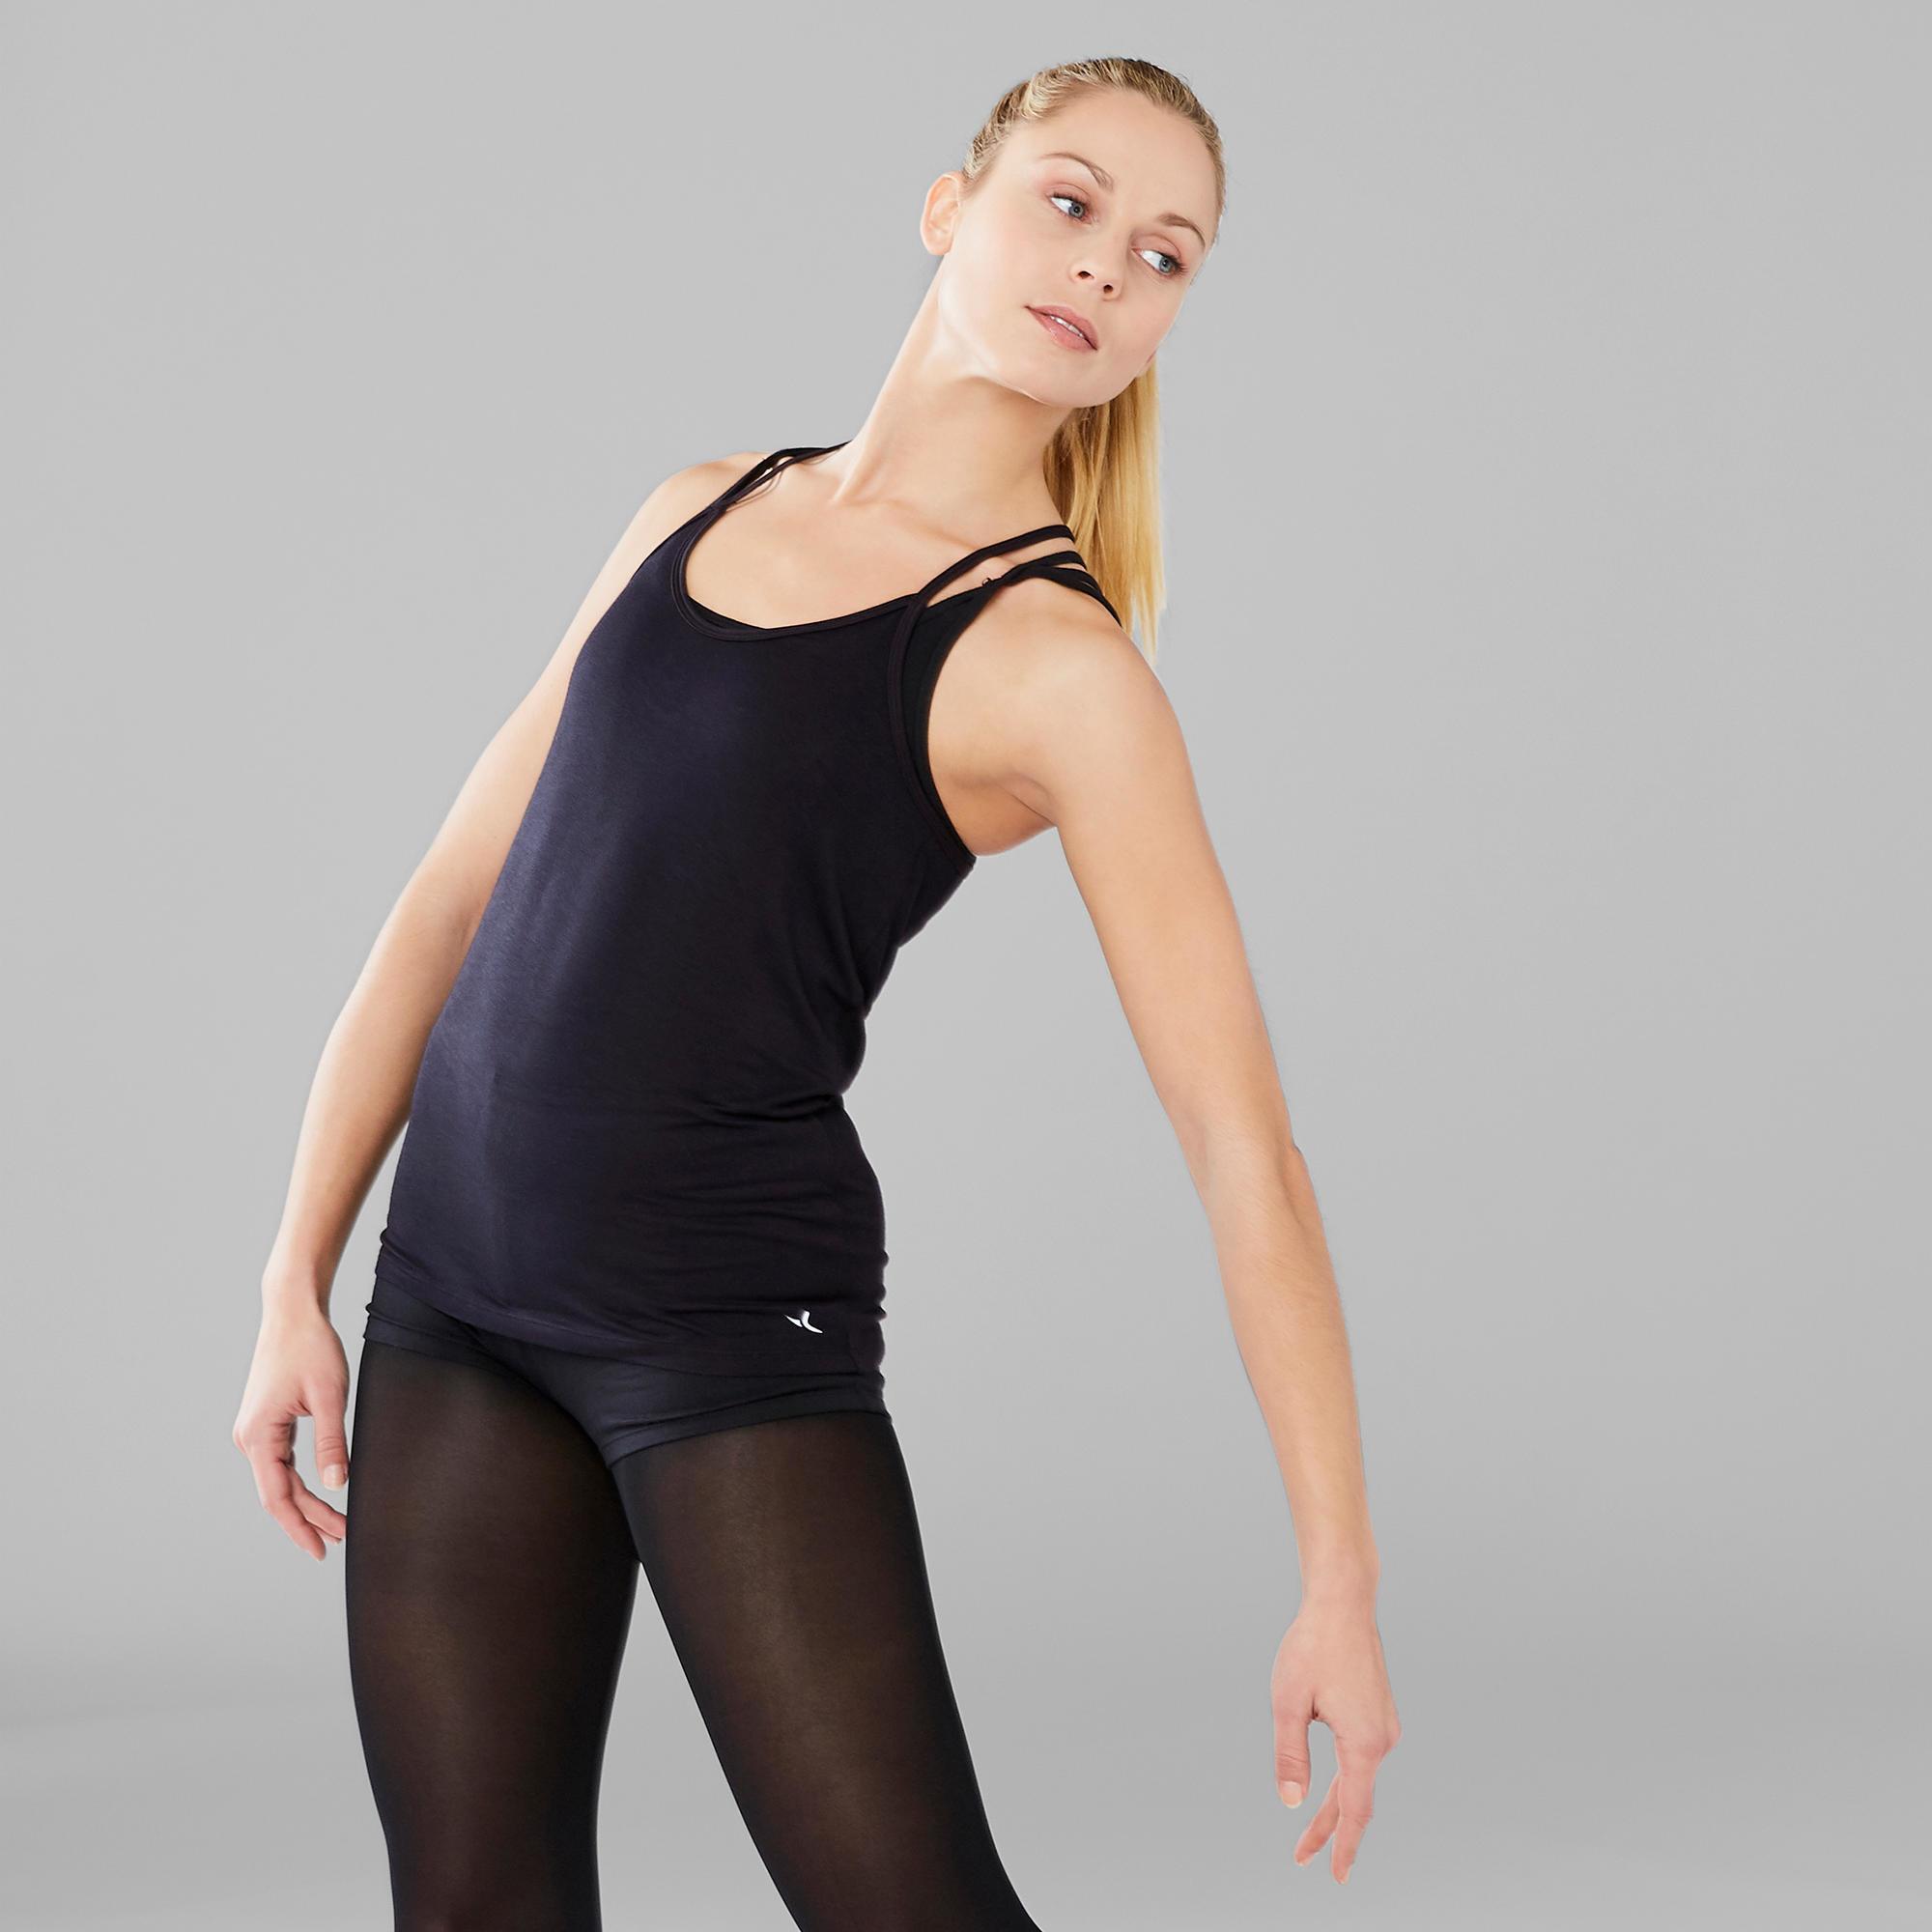 96fb507e8 Comprar Ropa de Danza Online | Decathlon